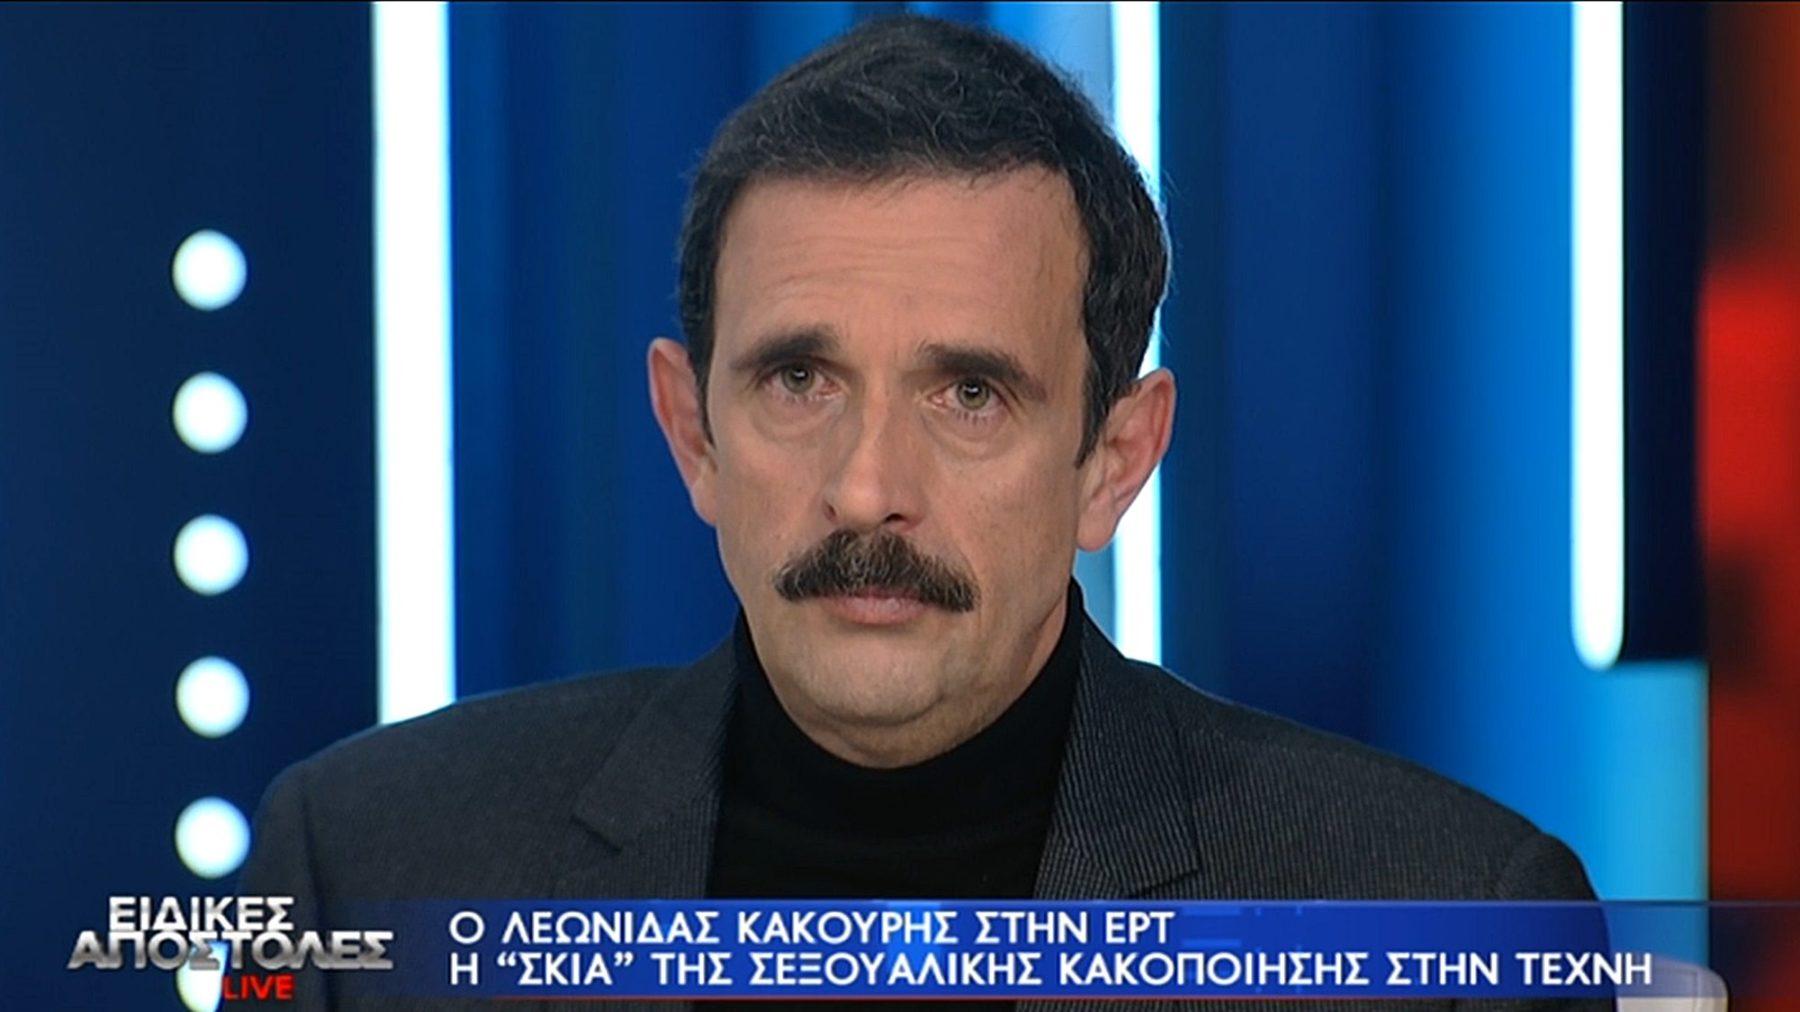 Λεωνίδας Κακούρης: Το συγκλονιστικό δημόσιο μήνυμά του στα θύματα των ημερών «Δεν πρέπει να περπατάμε με σκυμμένο κεφάλι»